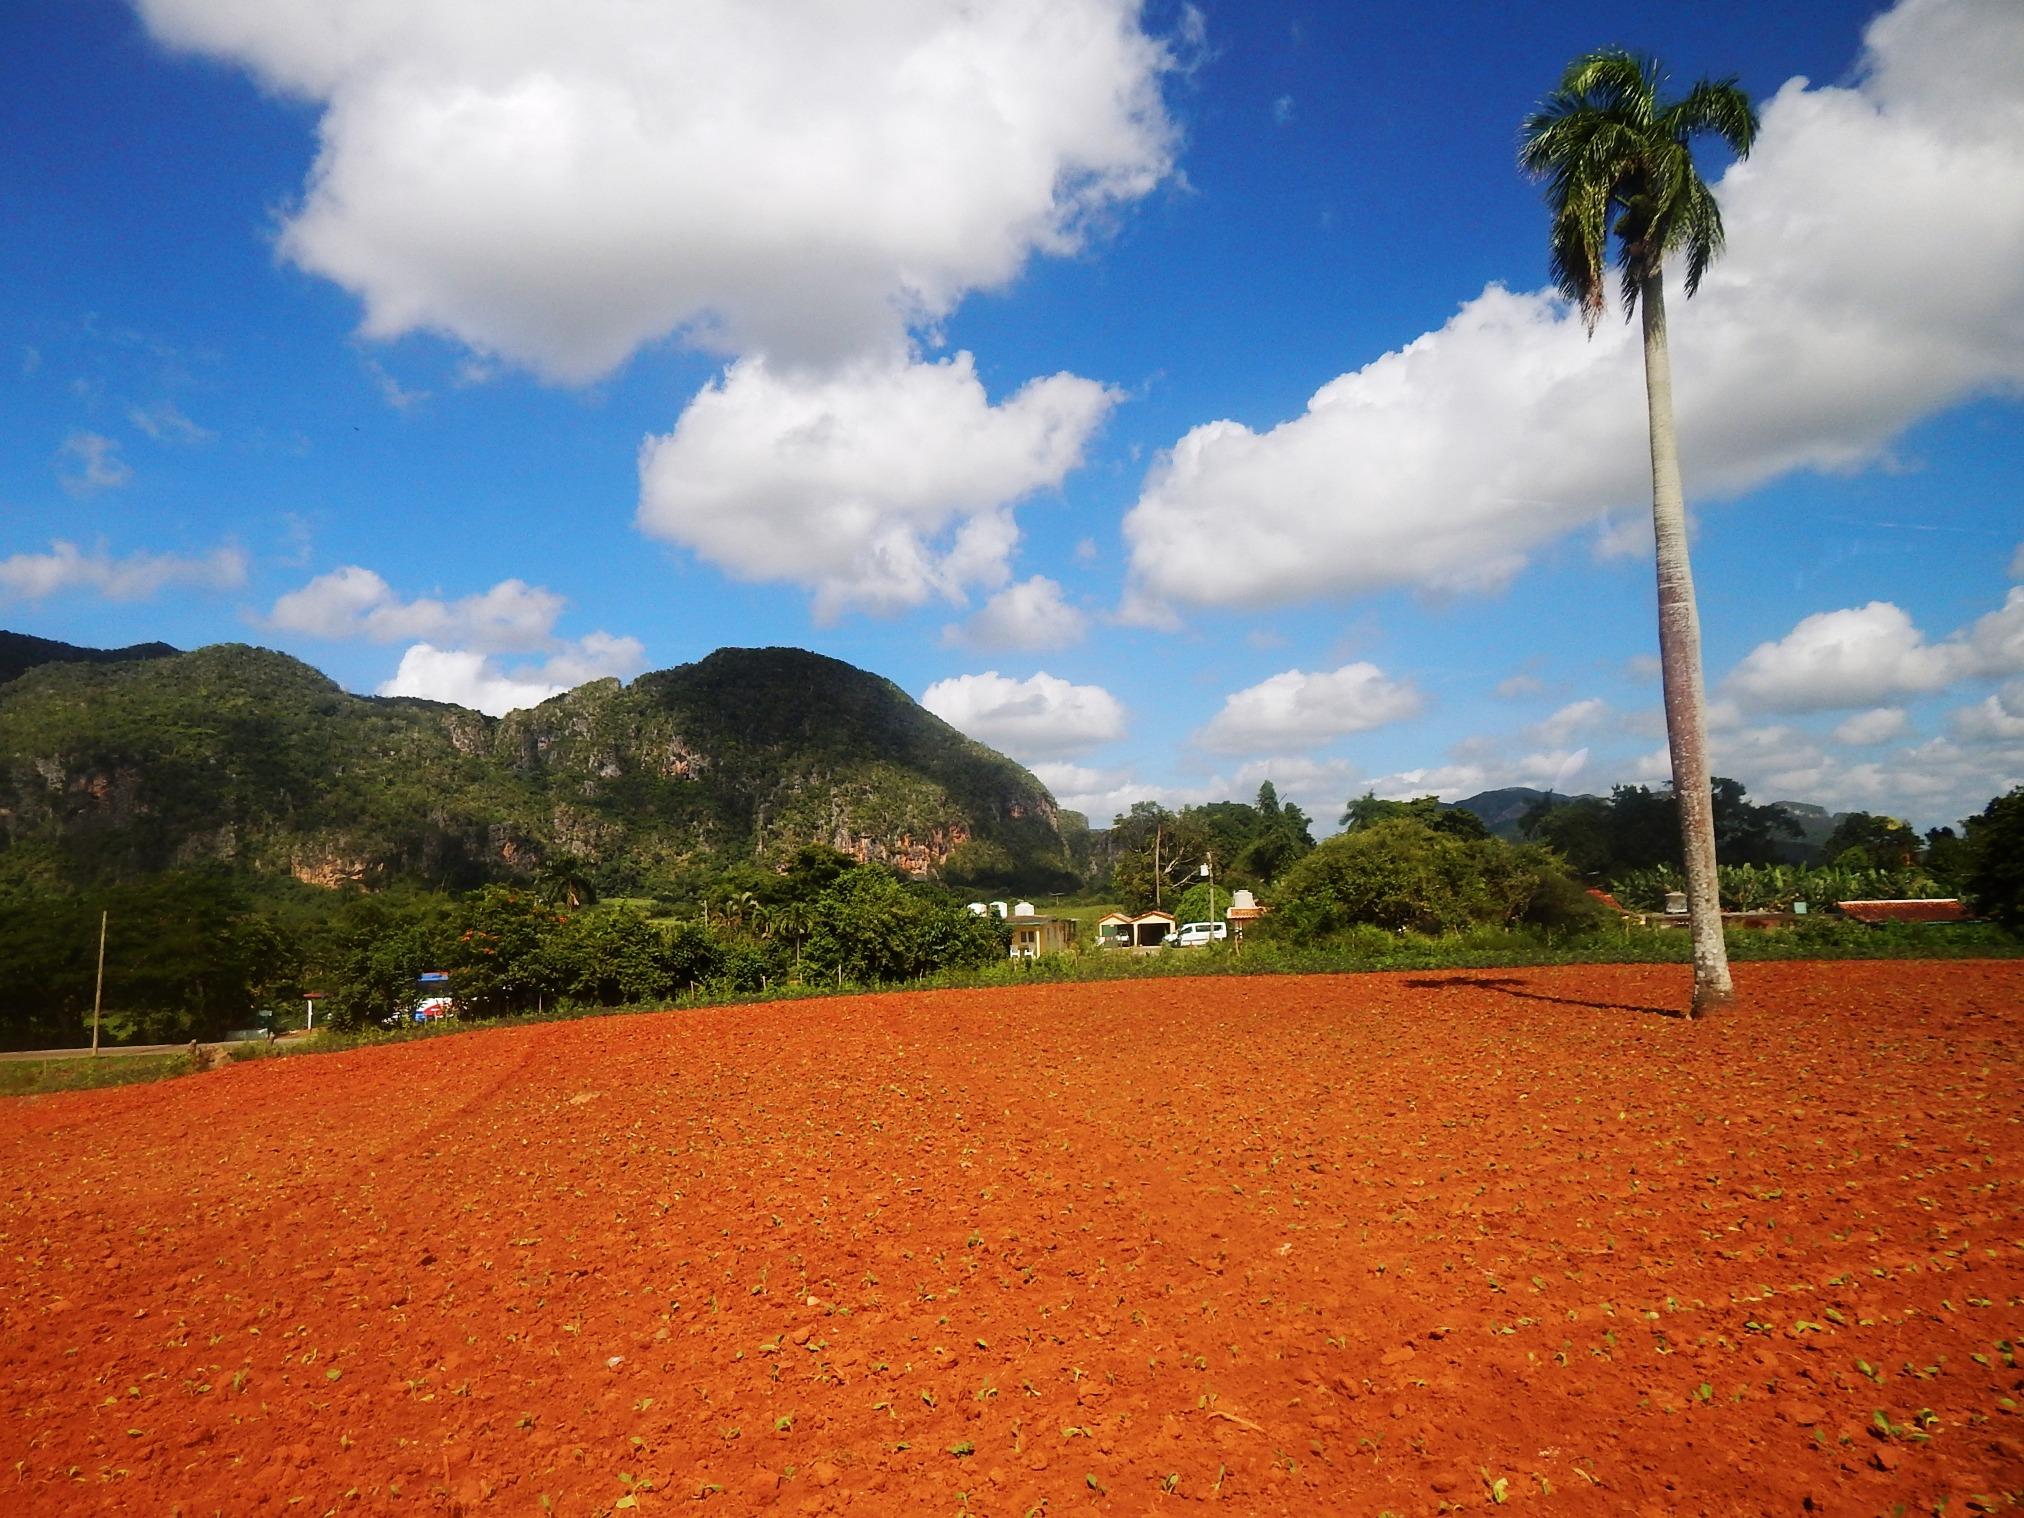 Vinales, Pinar del Rio, mogotes